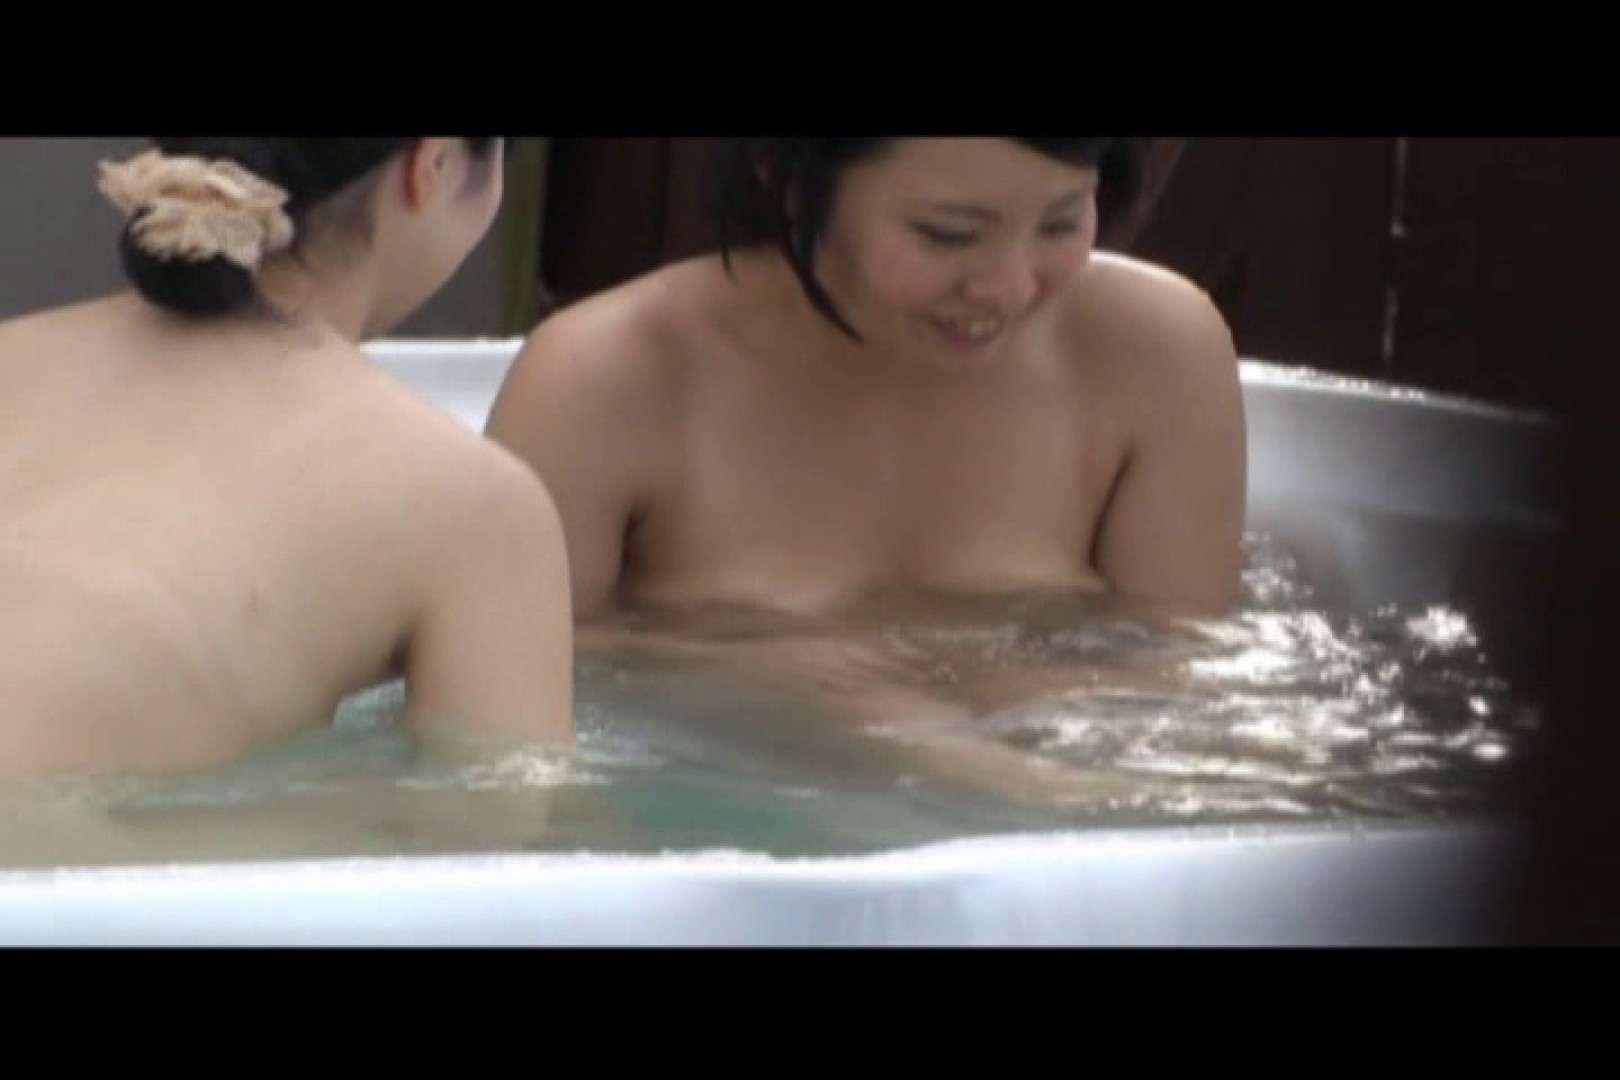 貸切露天 発情カップル! vol.07 露天風呂の女達   カップルのセックス  100連発 9